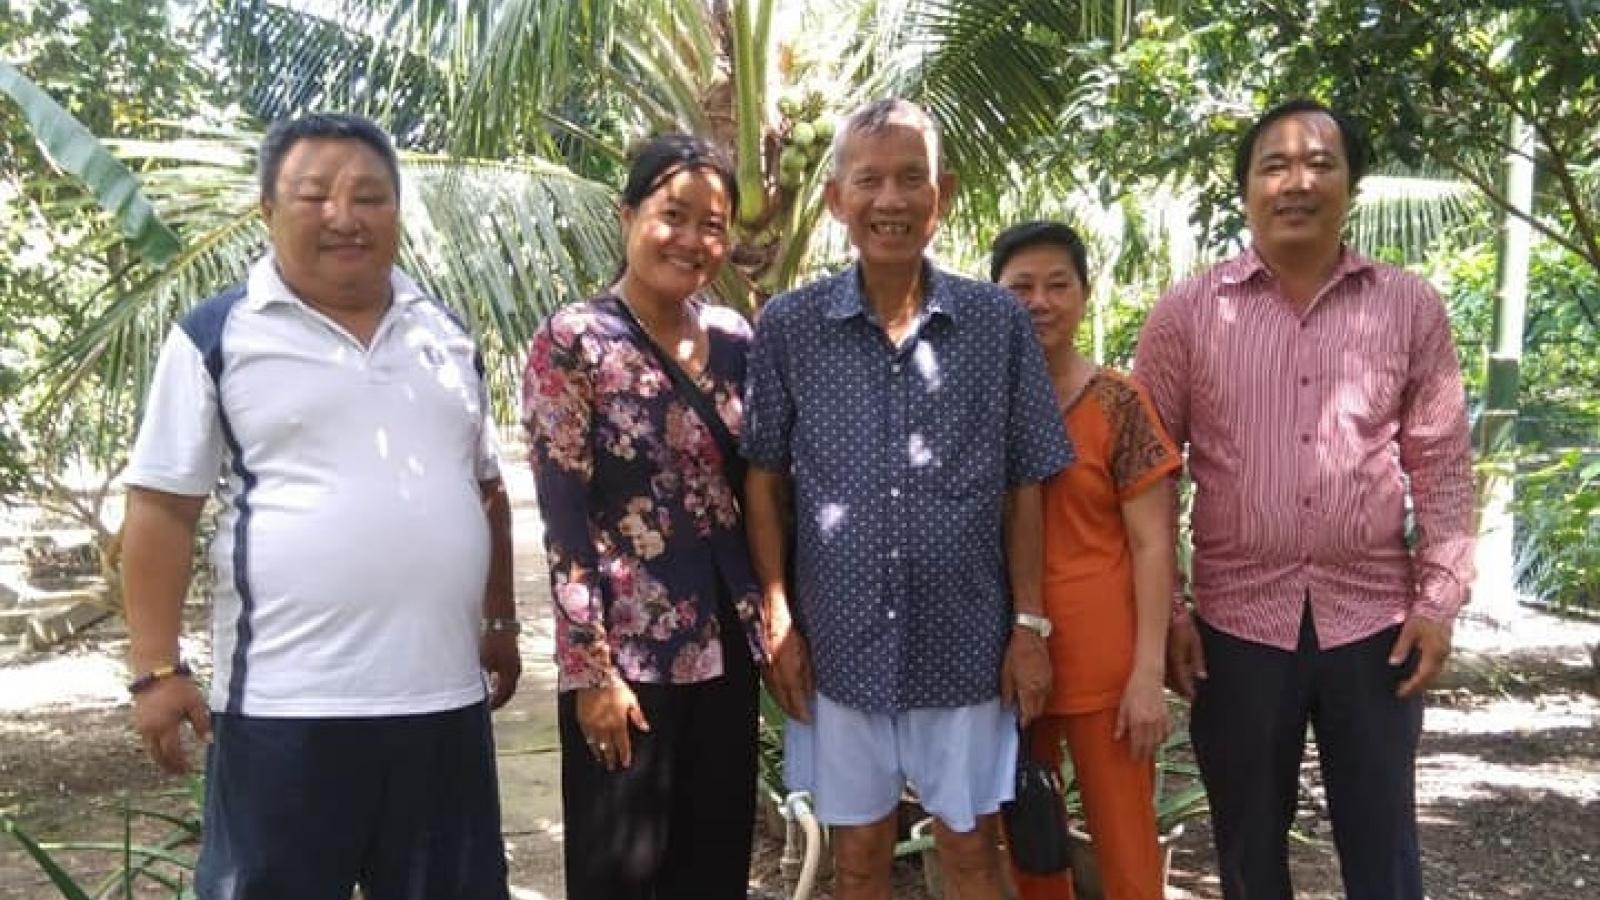 Nguyên Phó Thủ tướng Trương Vĩnh Trọng - Người lãnh đạo giản dị, gần dân